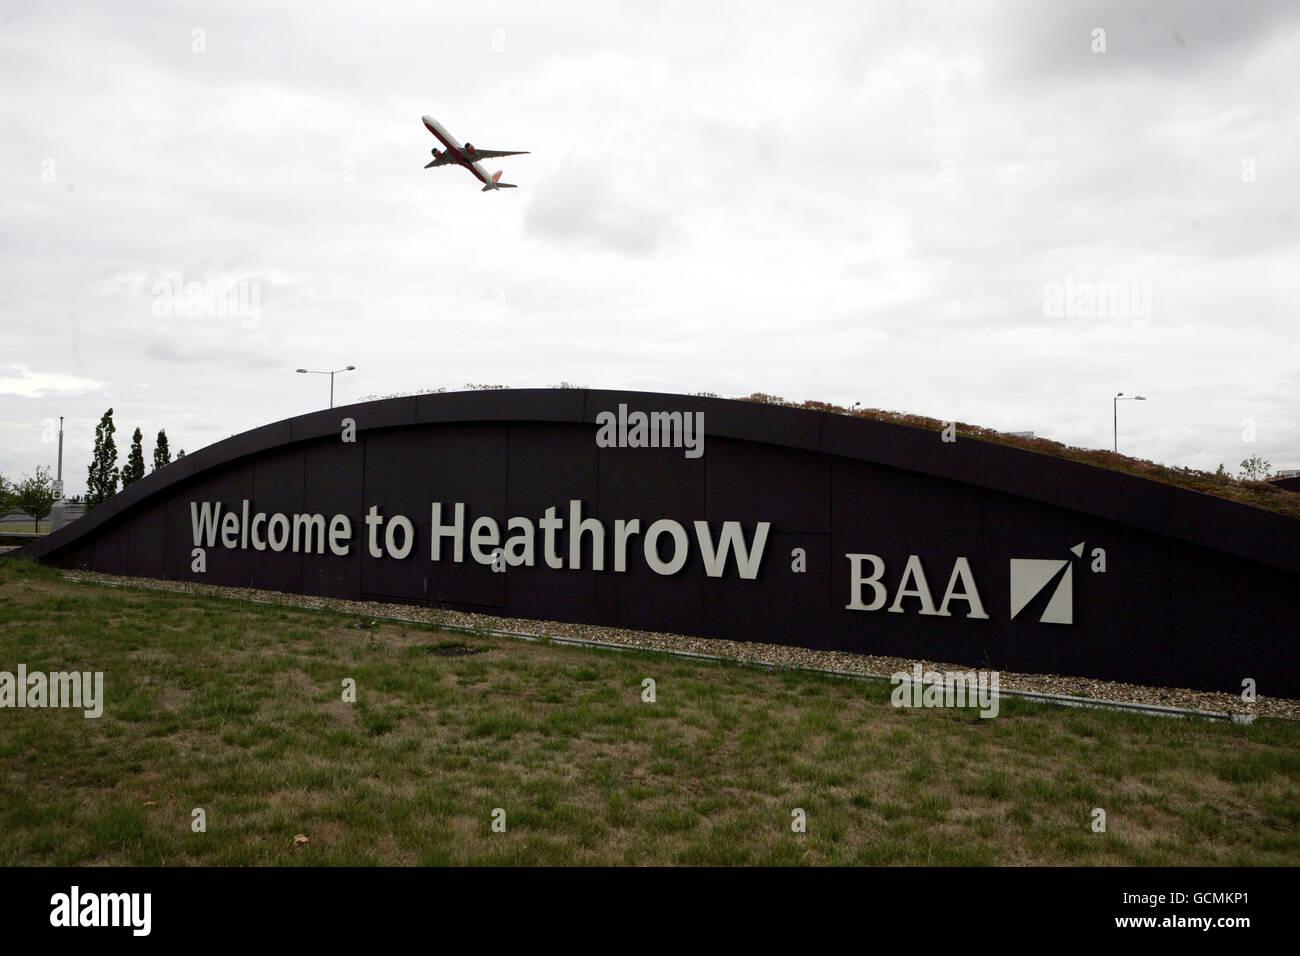 BAA airports - Stock Image